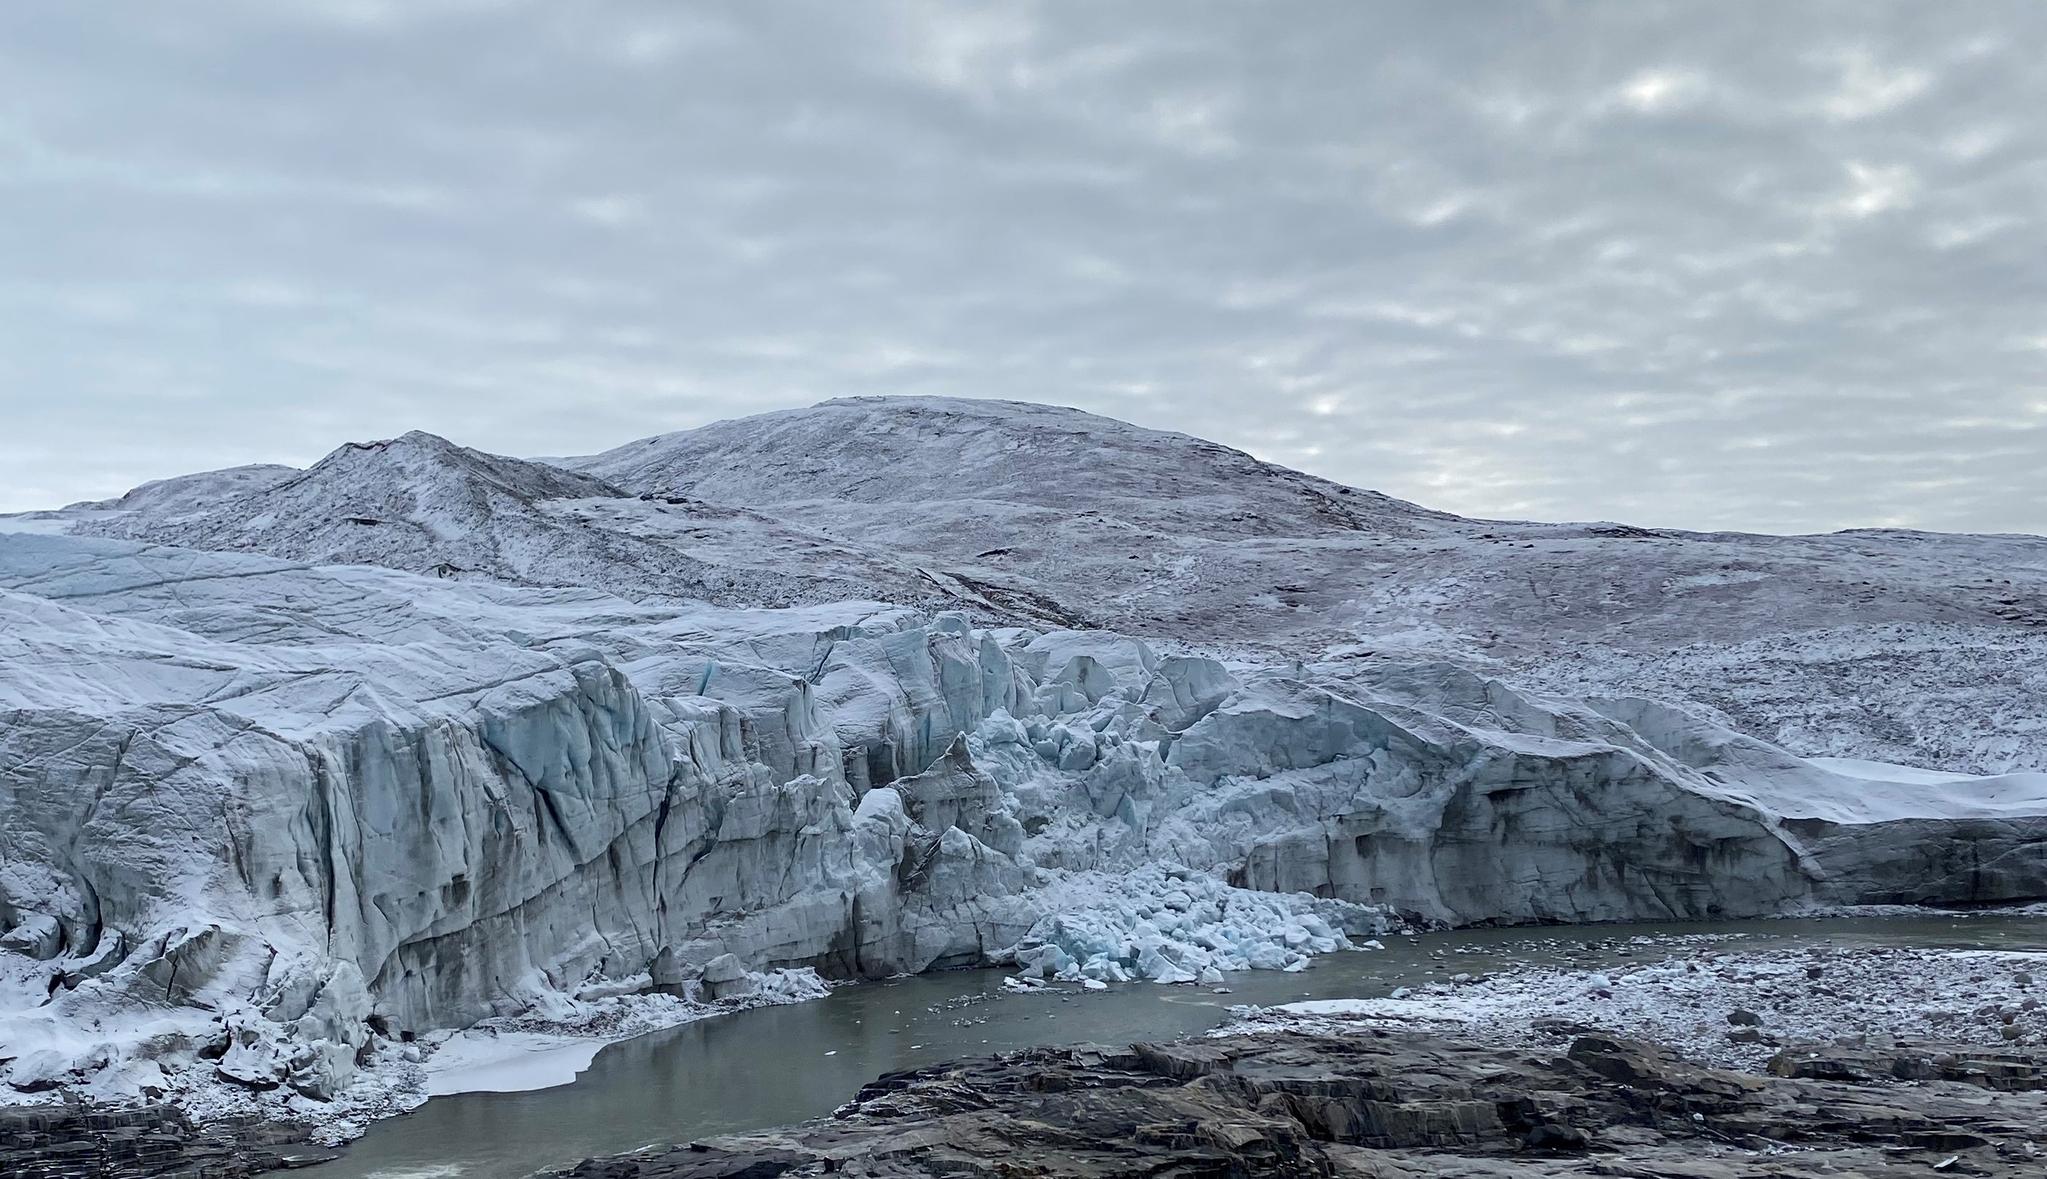 그린란드 중서부에 있는 러셀 빙하의 모습. 가운데에 얼음이 무너져내린 흔적이 있다. 앞에는 빙하가 녹아 만들어진 물줄기가 흐르고 있다. 김인숙